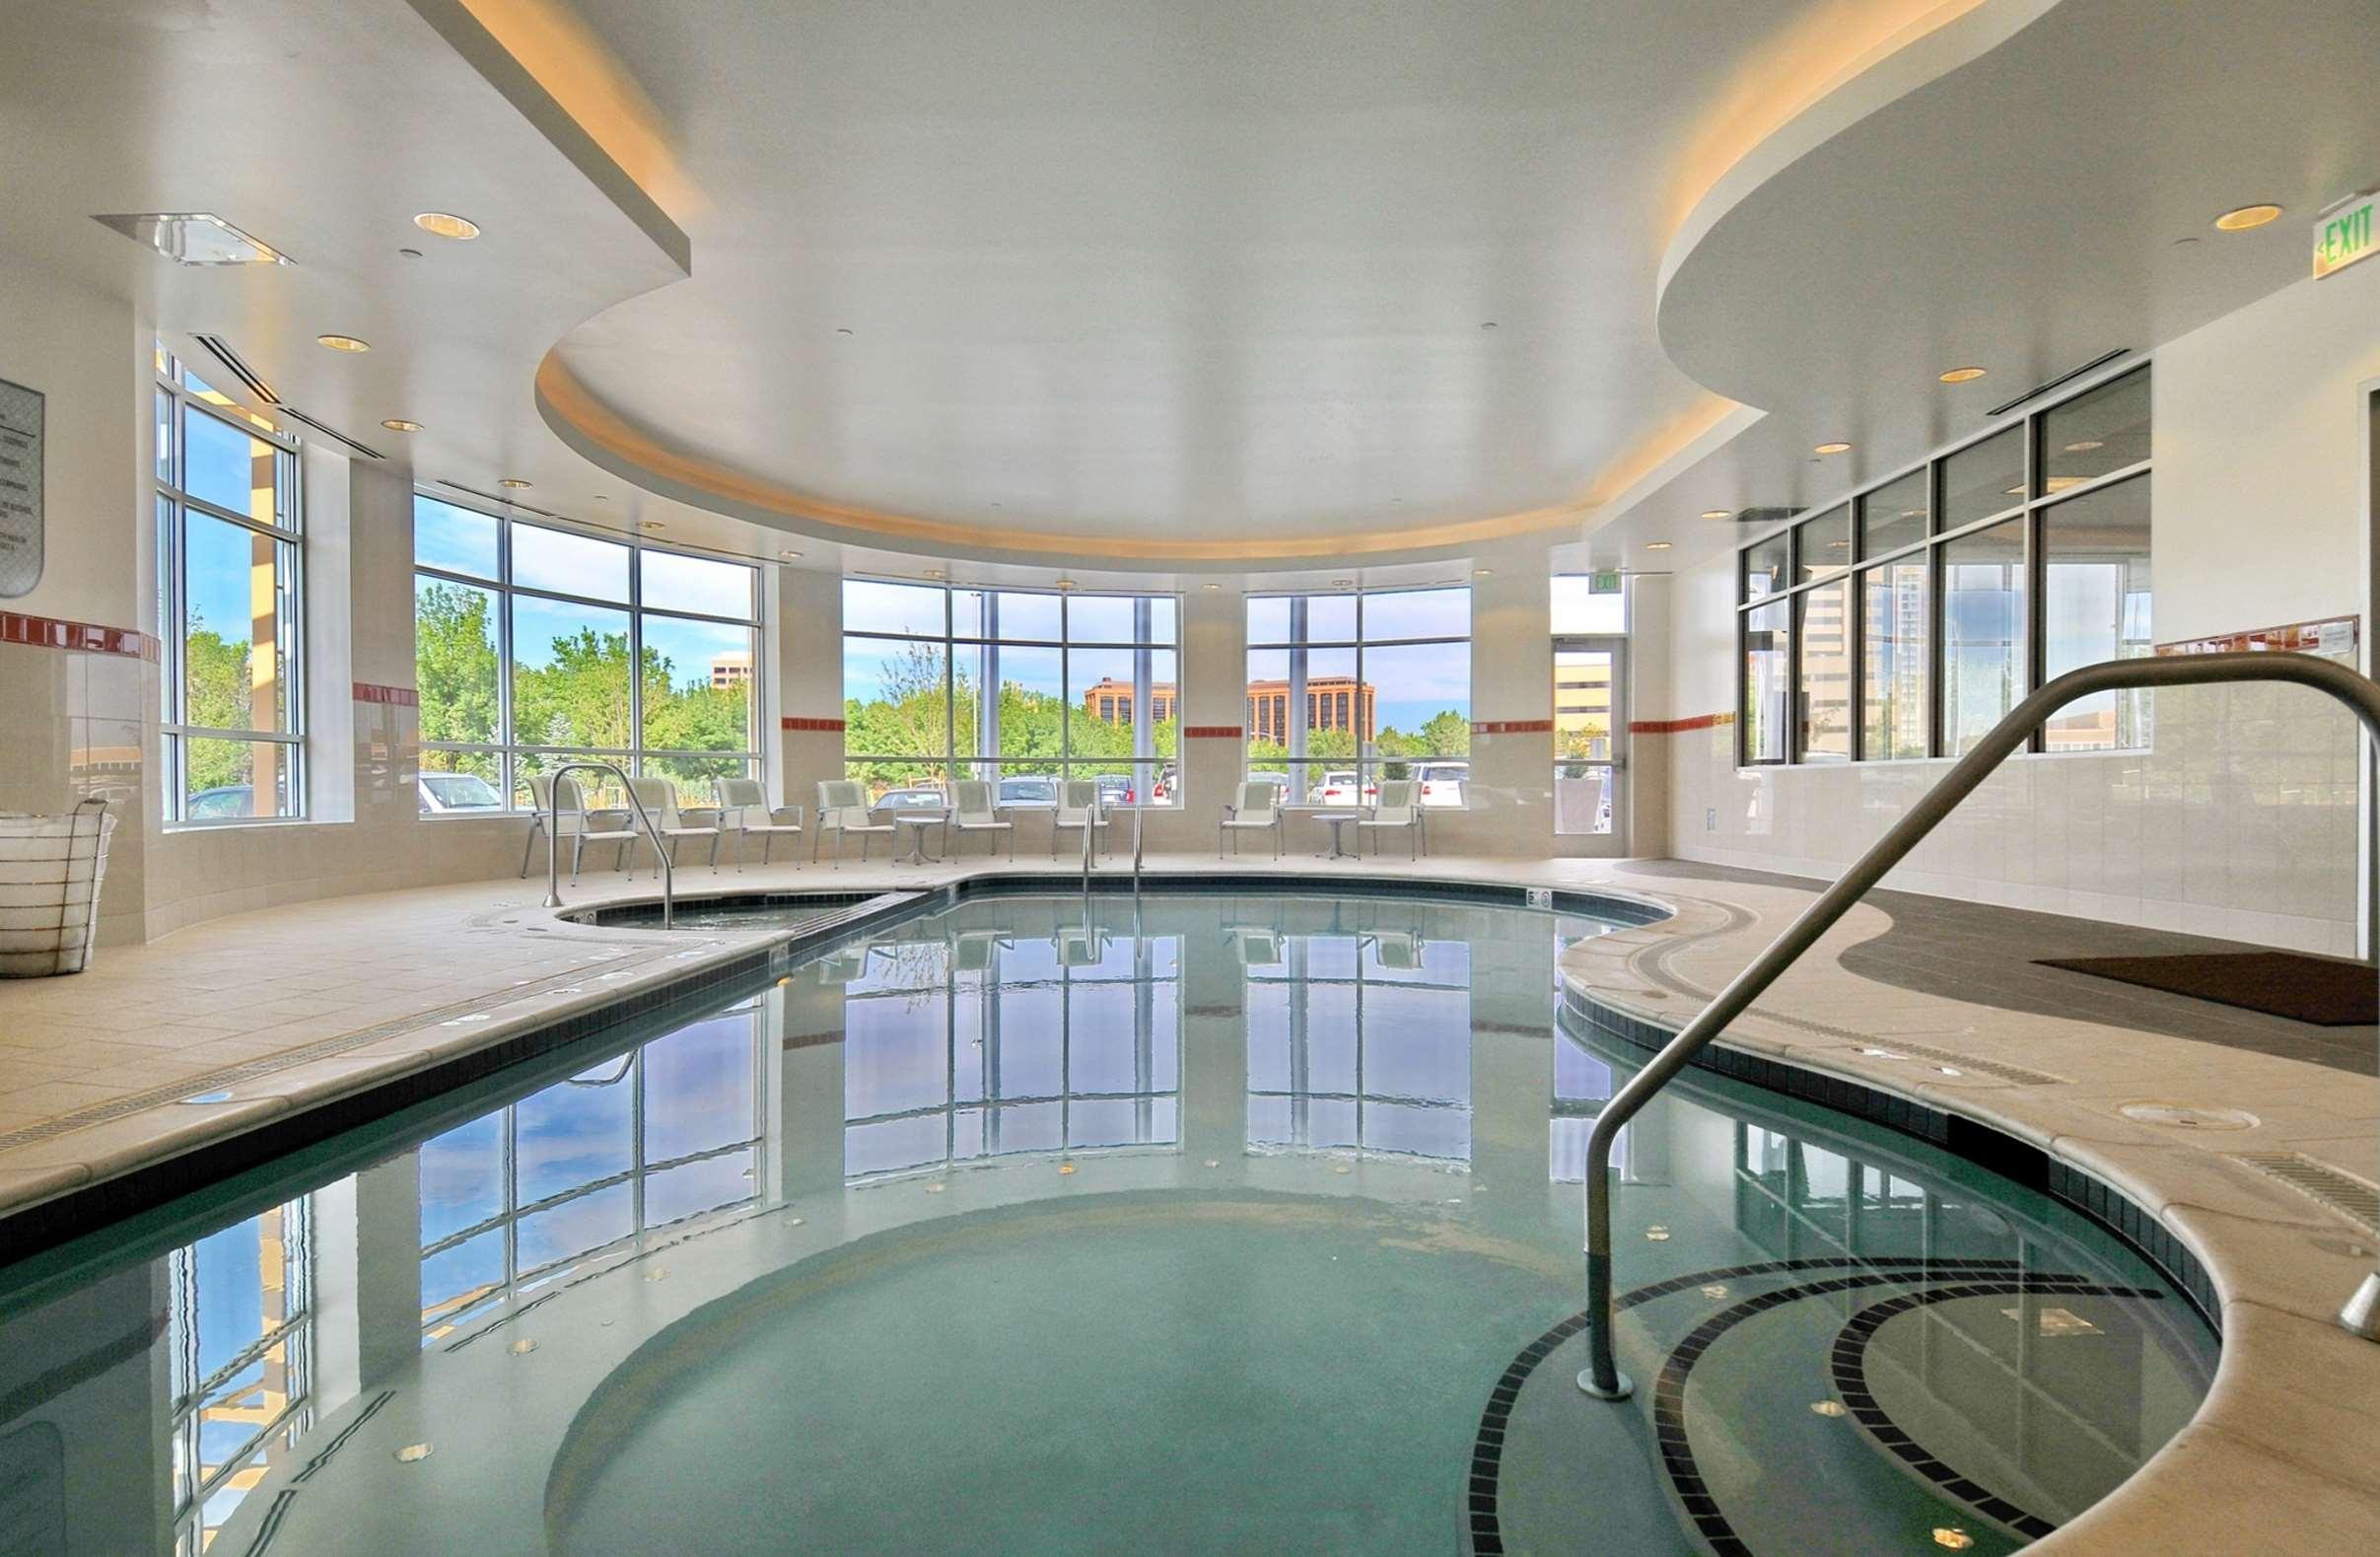 Hilton Garden Inn Denver/Cherry Creek image 4